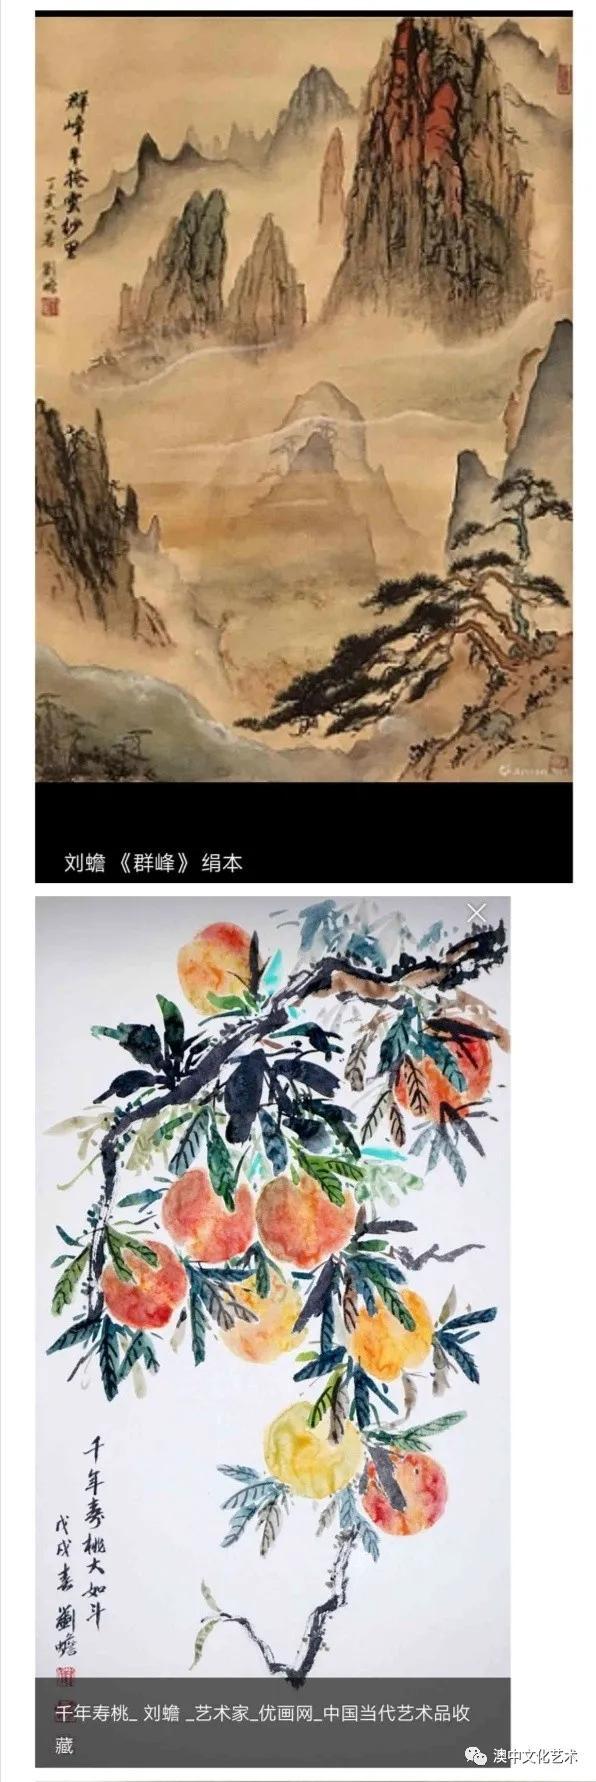 书画名家刘海粟